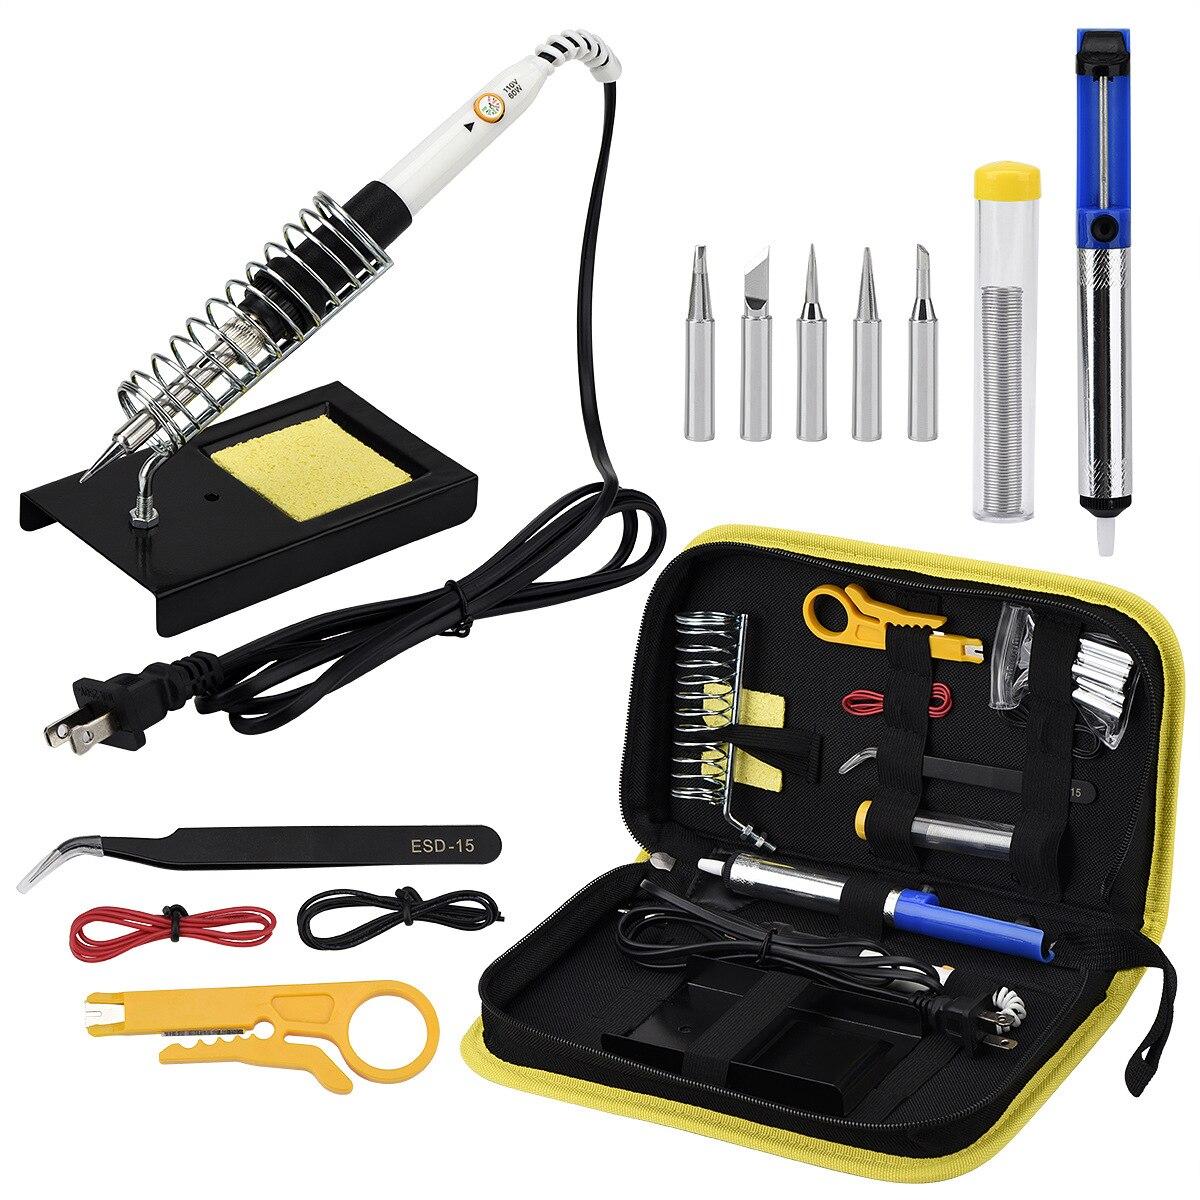 Electric soldering iron set adjustable temperature portable welding repair tool tweezers tin wire soldering iron suction gun set